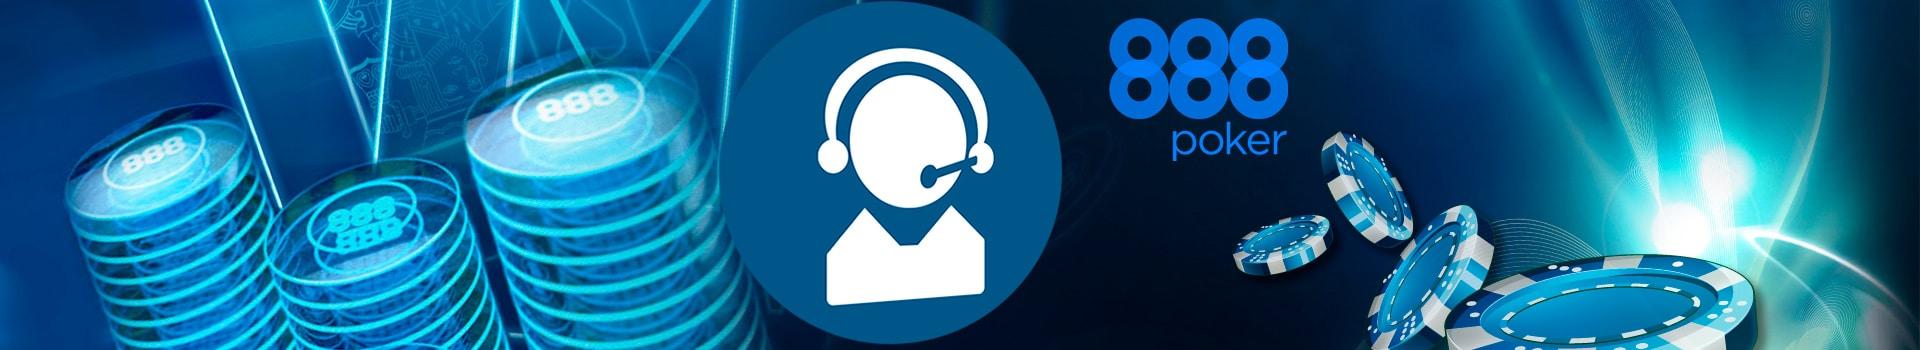 Служба поддержки рума 888poker